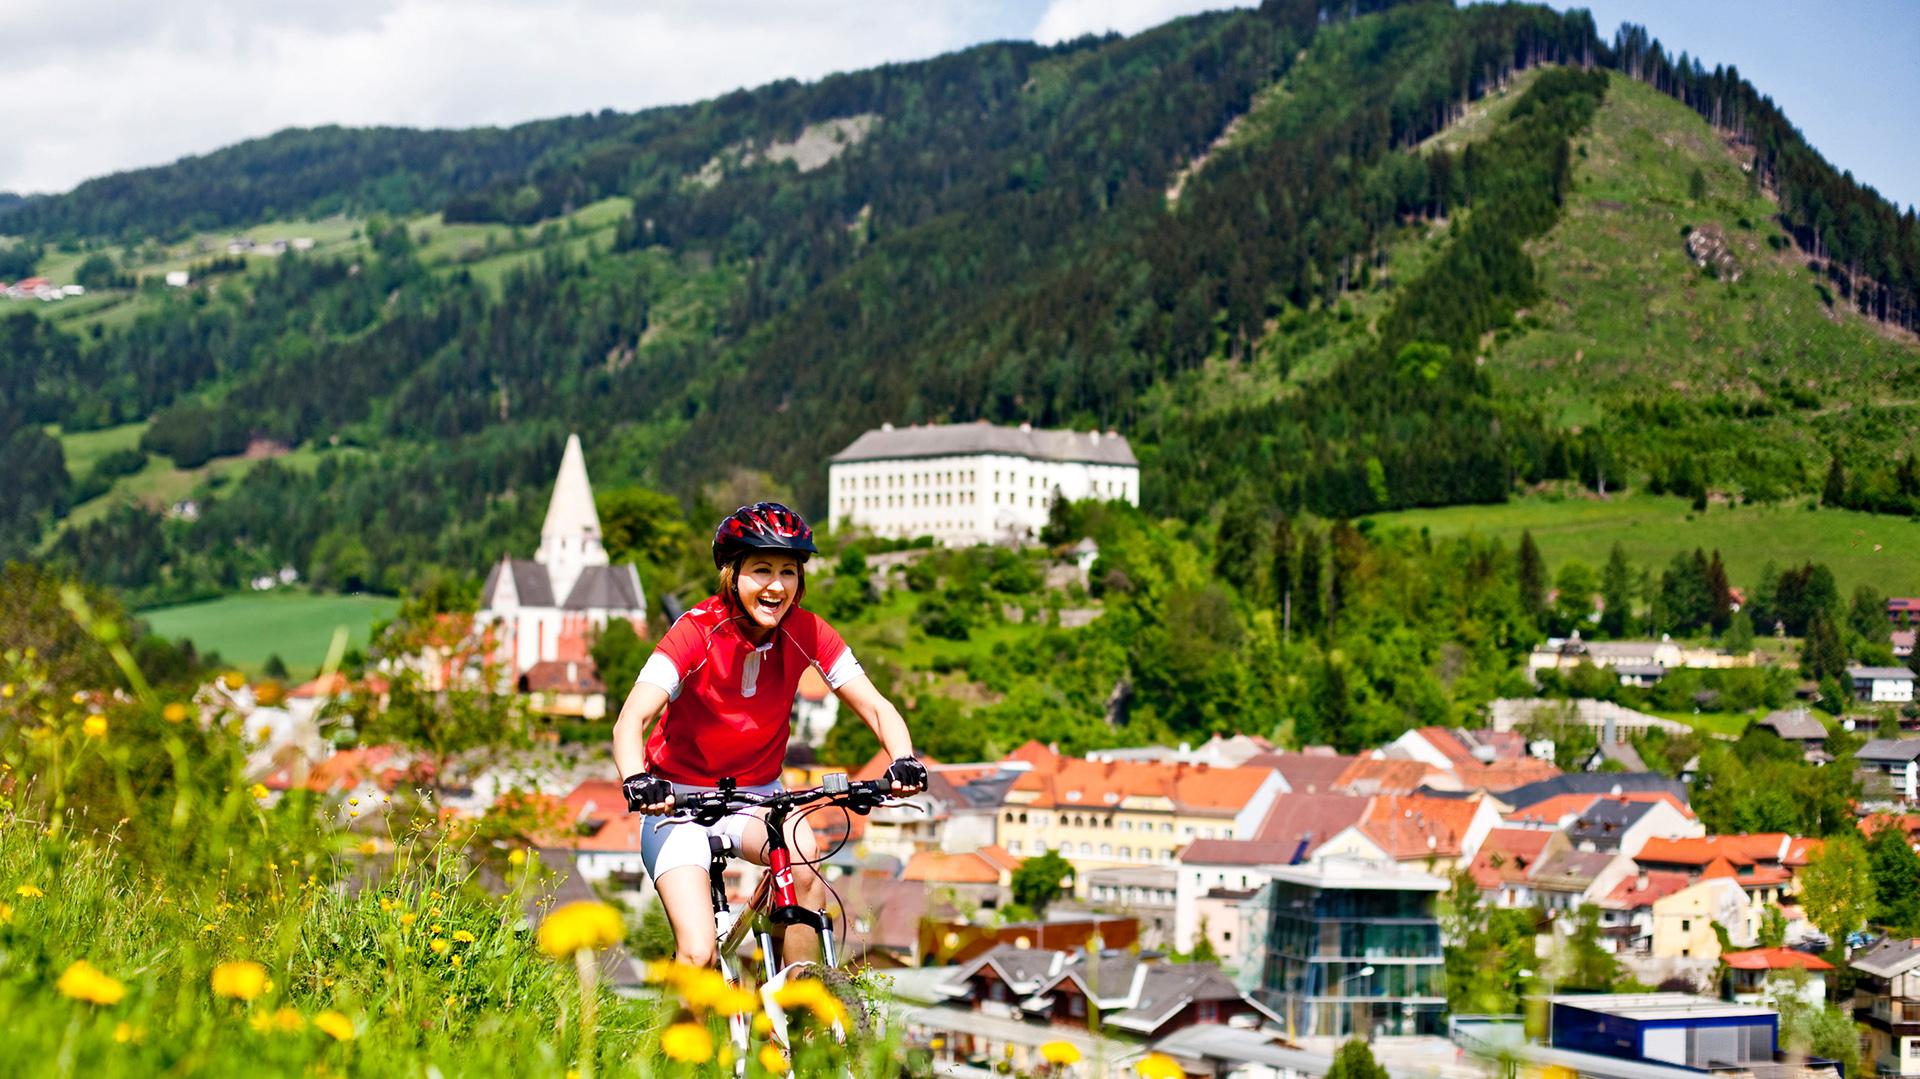 ... mitten im Grünen und ist ideal für Radfahrer und Wanderer